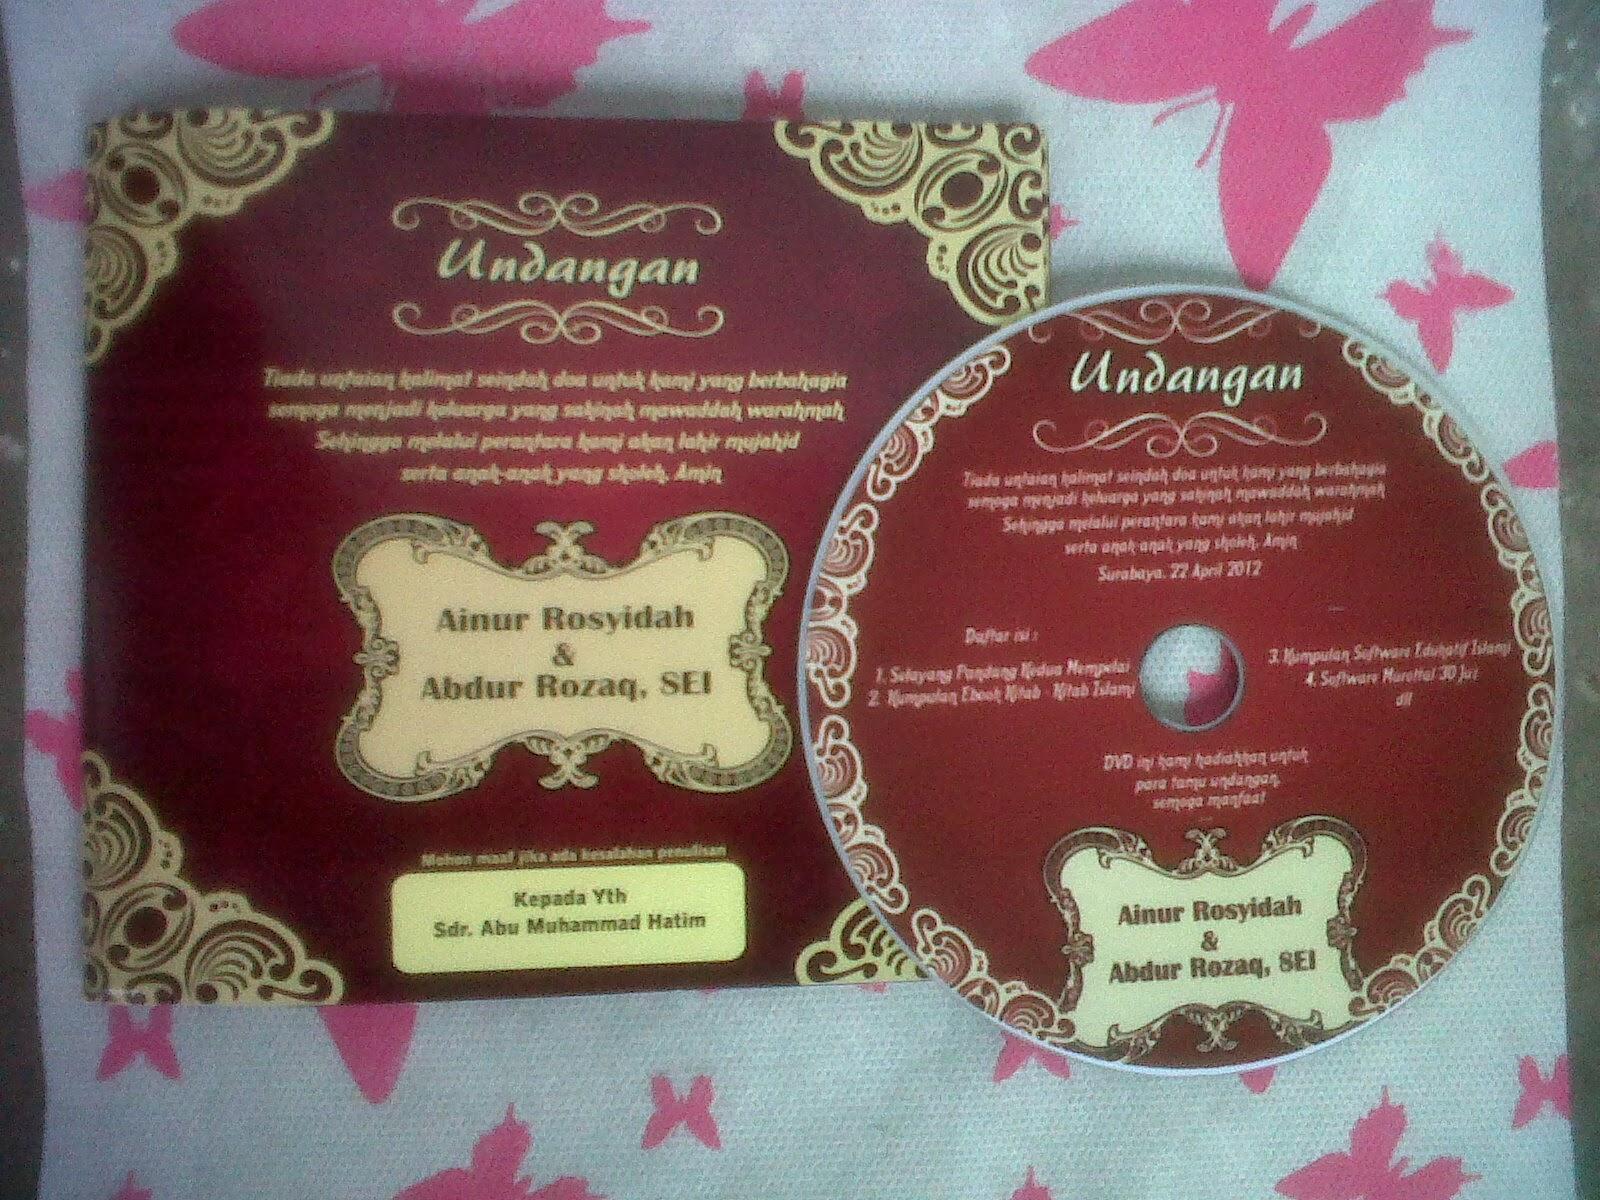 Undangan CD Nikah, Undangan CD Walimah, CD Undangan Walimah, Souvenir Undangan CD, Konsep Undangan CD, CD Undangan Nikah, Souvenir CD Walimah, Produsen Undangan CD, Pabrik CD, Jasa Pembuatan Undangan CD Nikah, Jasa Perbanyak Undangan CD Walimah, Cd Undangan Nikah, Undangan CD Nikah, CD Undangan, Jasa Pembuatan Undangan CD Nikah, Pabrik Undangan CD Nikah, Jasa Pembuatan Undangan CD Nikah, CD Undangan Nikah, Desain Undangan CD, Desain CD Undangan, Contoh CD Undangan, Cover Undangan CD Nikah, Sampel Undangan CD Nikah,